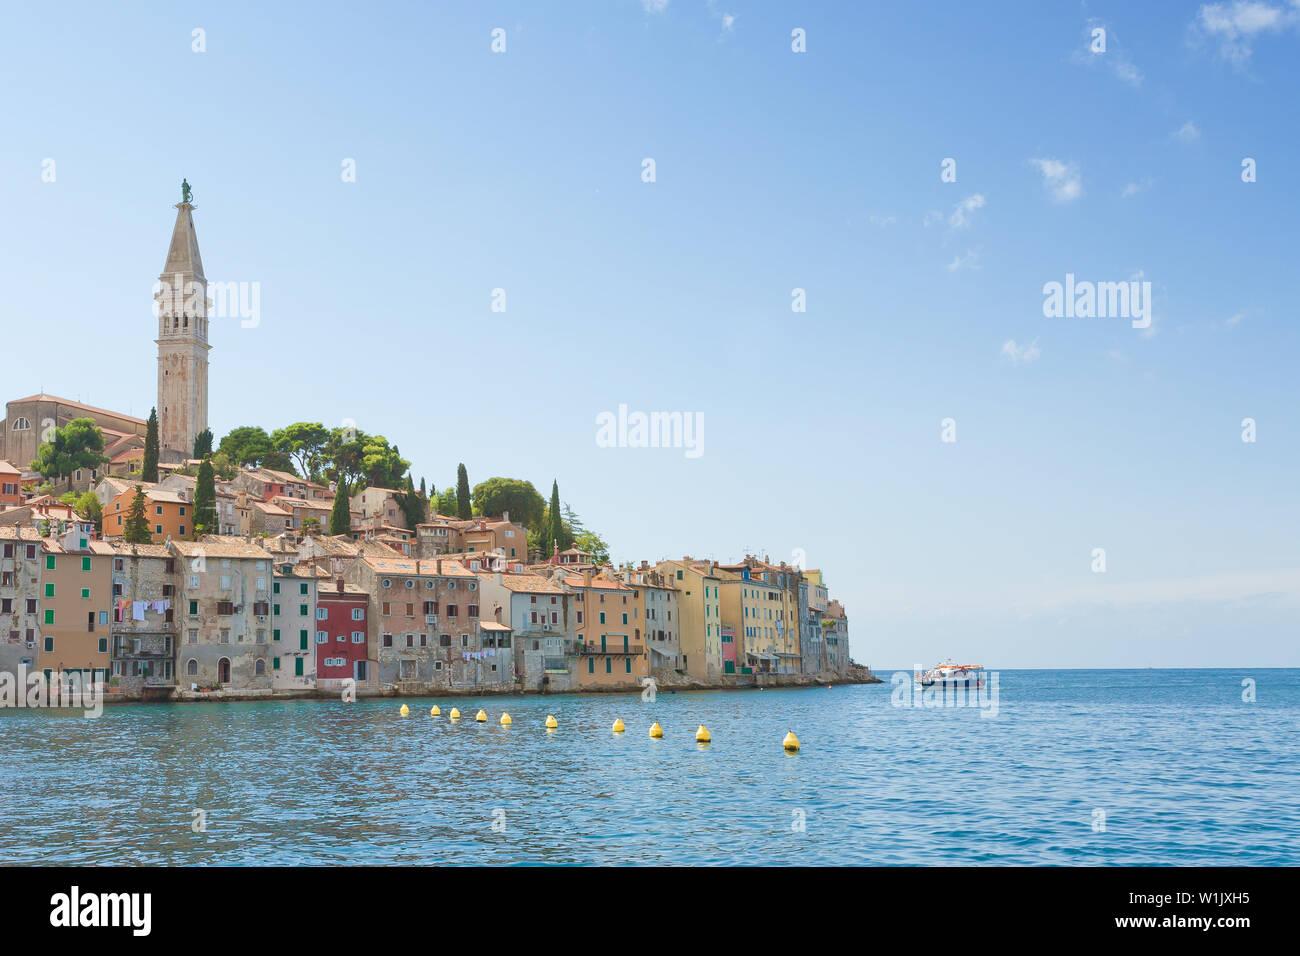 Rovinj, Istrien, Kroatien, Europa - Historische Altstadt von Rovinj am Mittelmeer Stockfoto